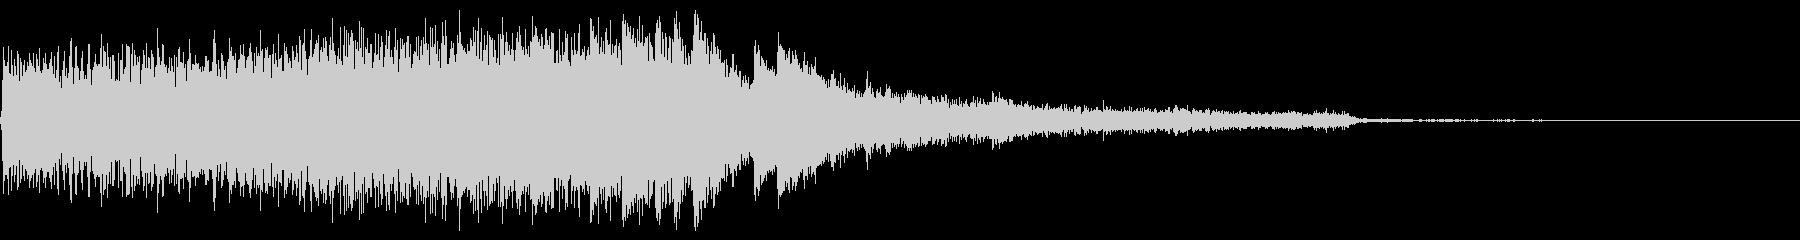 神秘的ファンタスティックなピアノジングルの未再生の波形